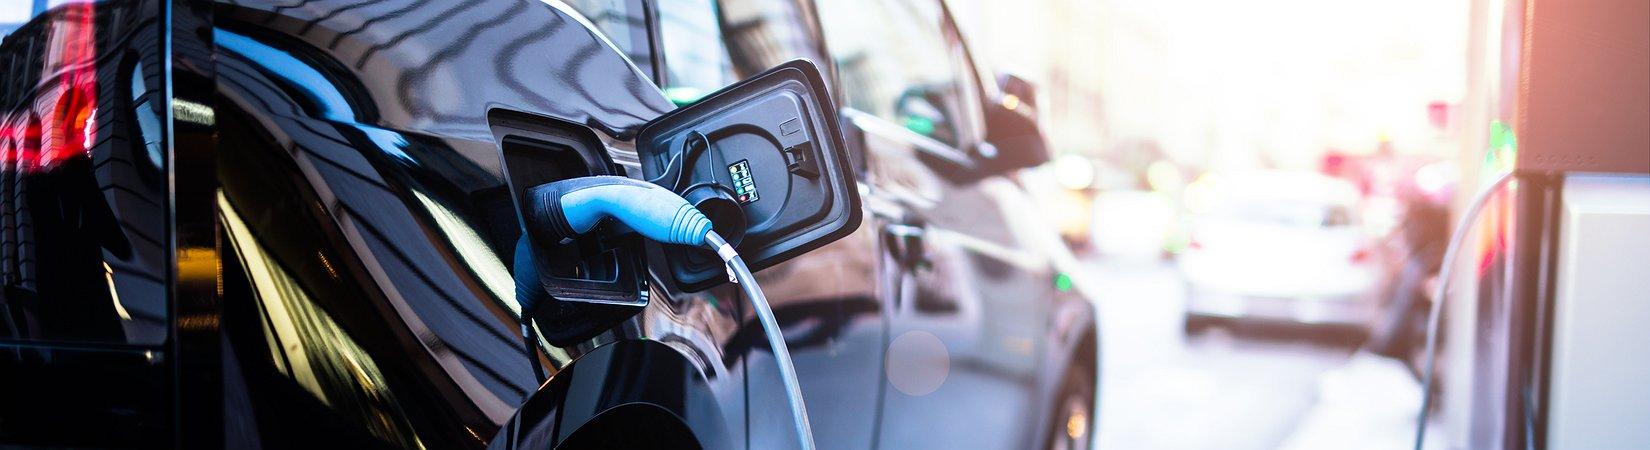 Toyota planeja lançar carro elétrico de longo alcance e carregamento rápido